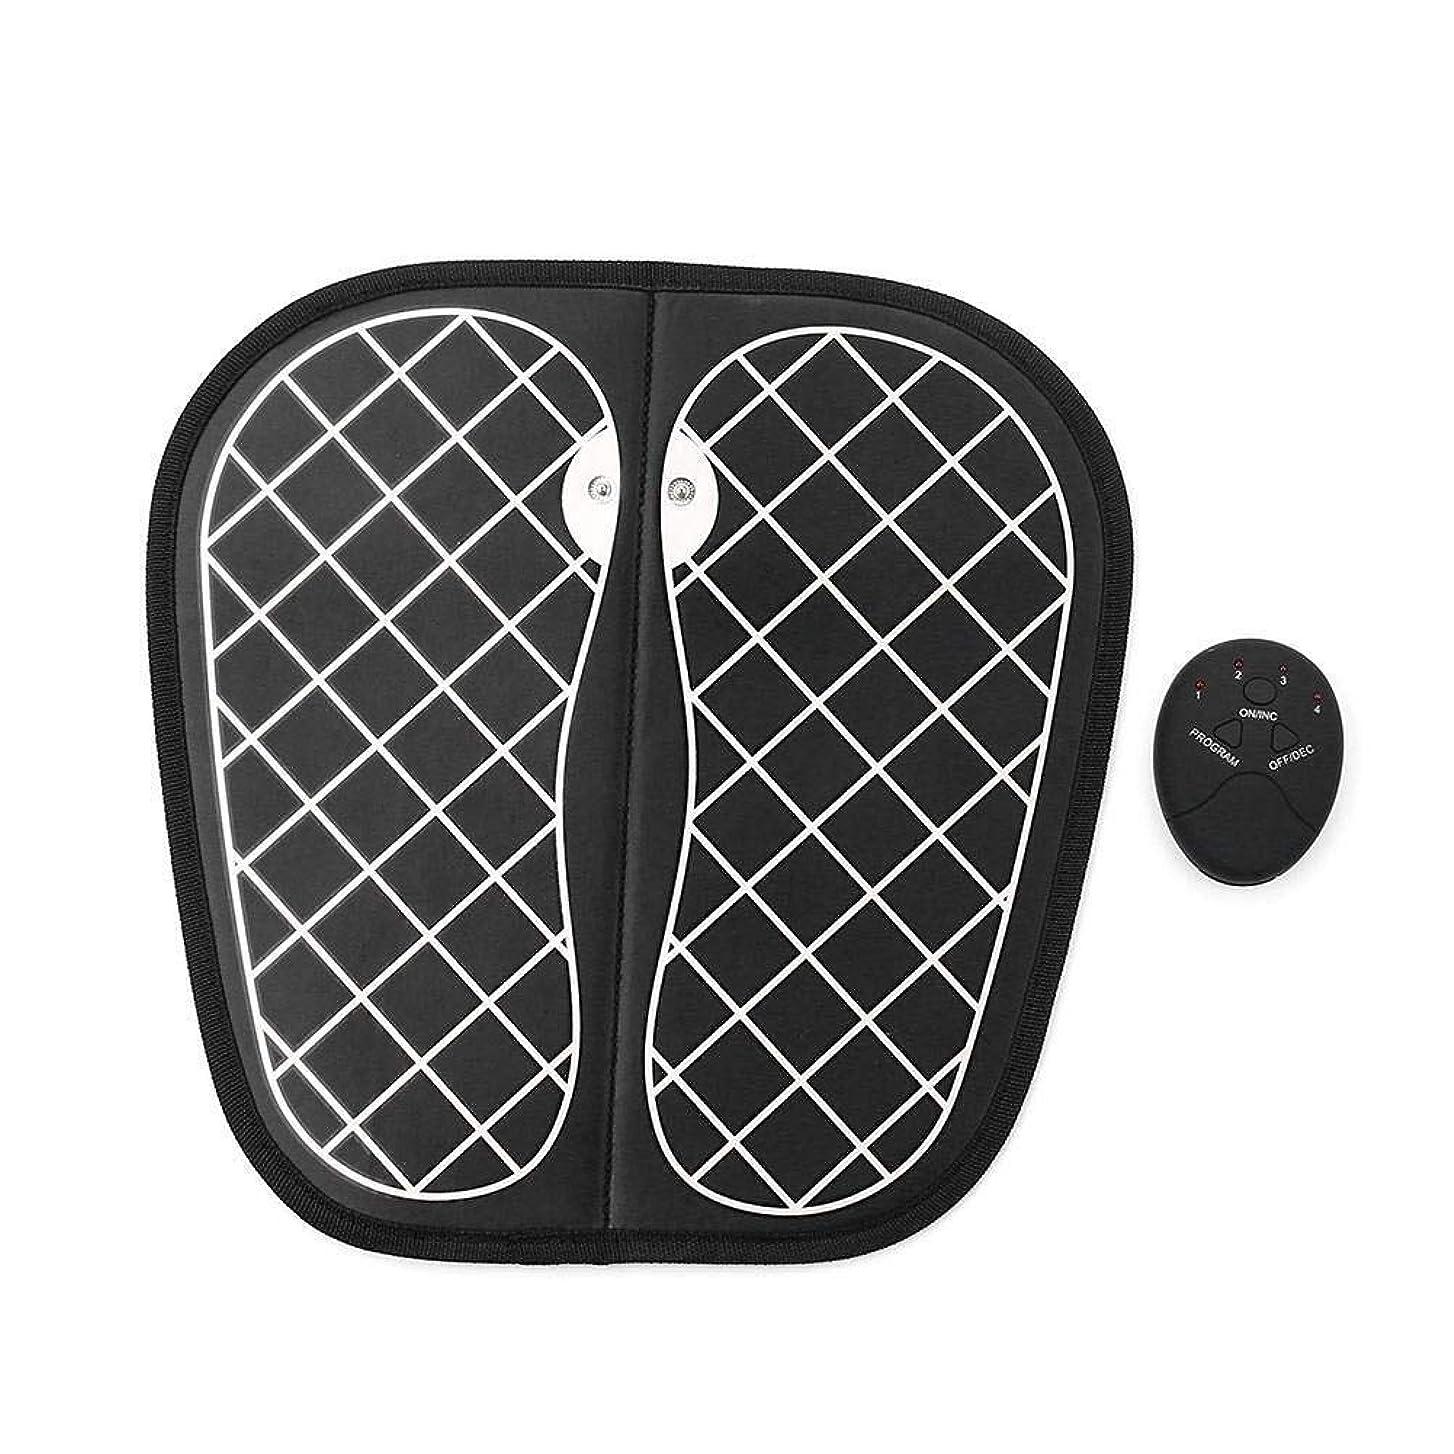 降ろす幻影先住民EMSフットマッサージャーUSB充電式ポータブル電気マッサージマットは、10の力と6つの振動モードで折り畳み可能で、疲労を軽減し、血行を促進します